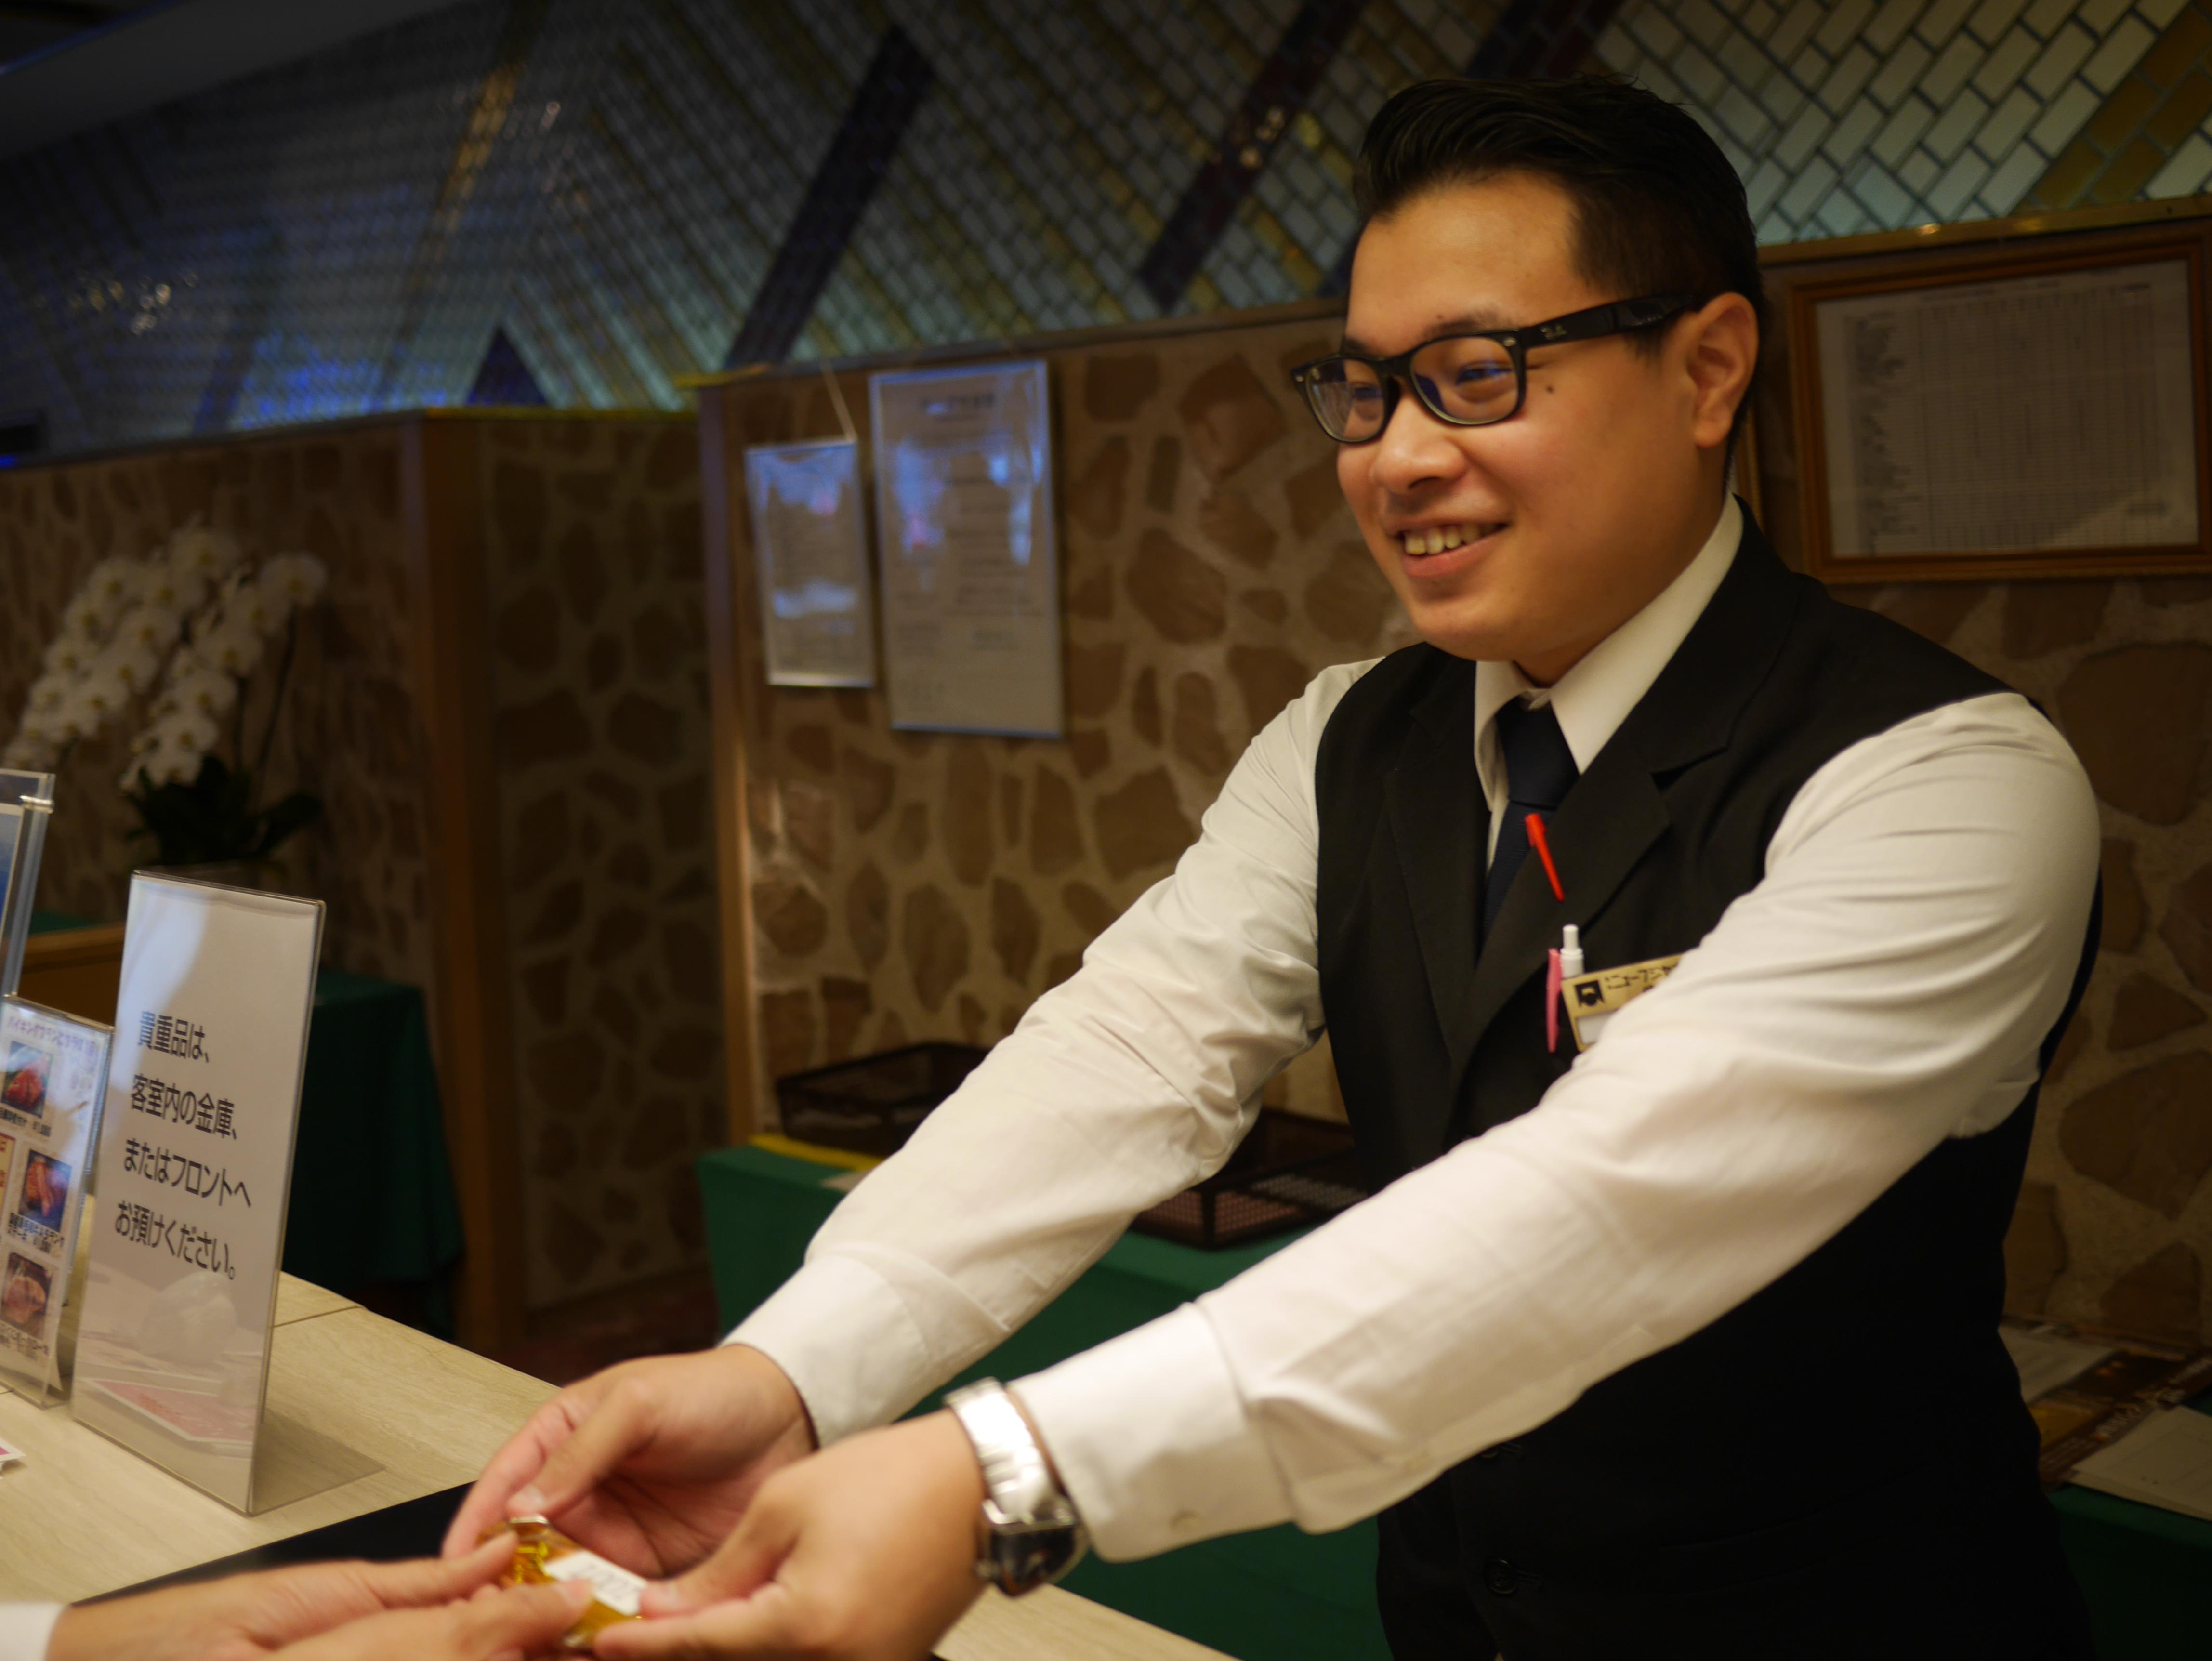 【週1日~OK】接客経験者必見!1日4時間~OK★ホテルの予約スタッフ